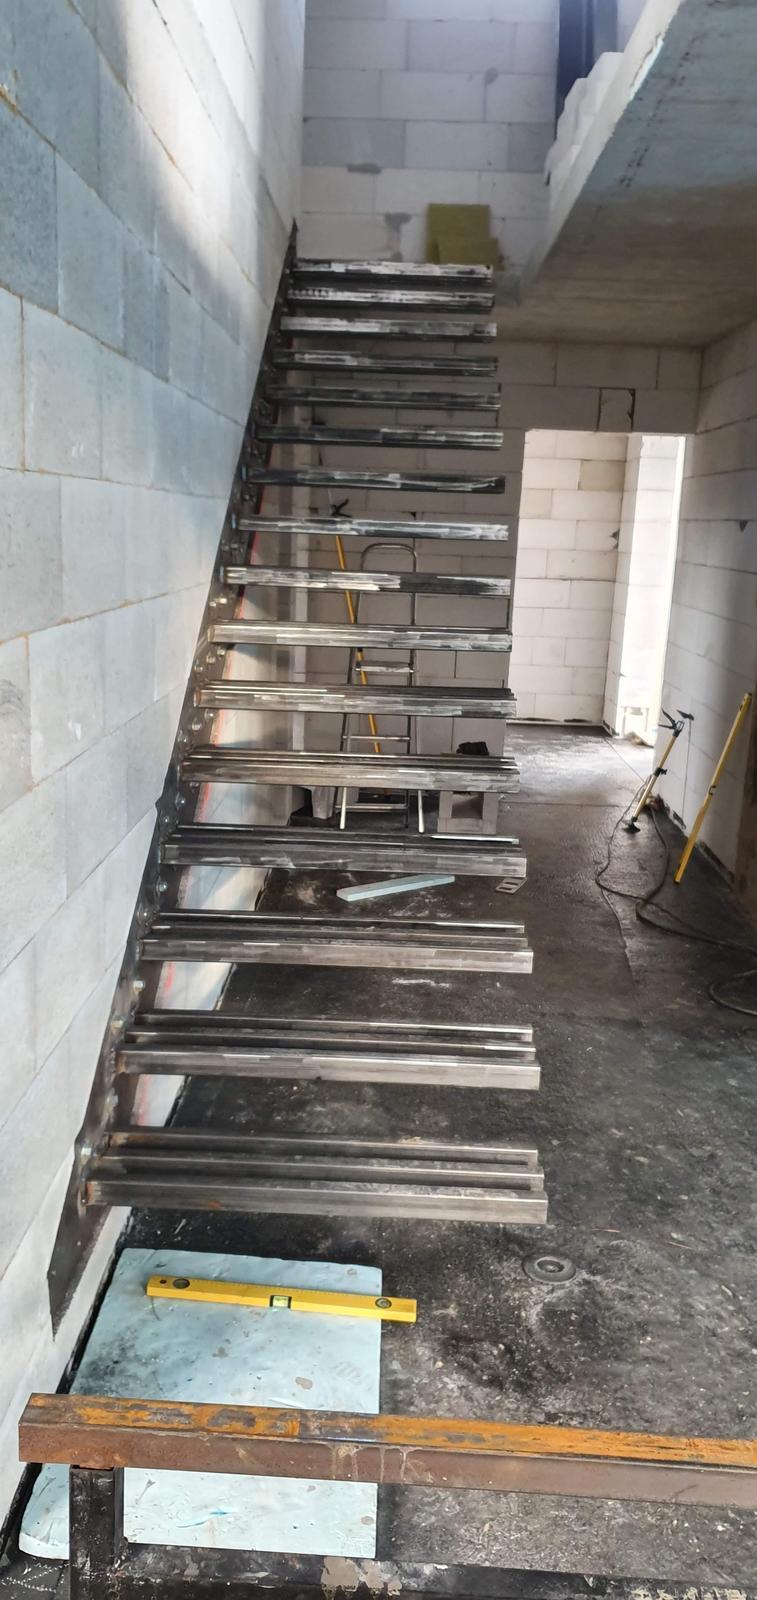 Konzolove schodisko (samonosne schody) - Obrázok č. 20